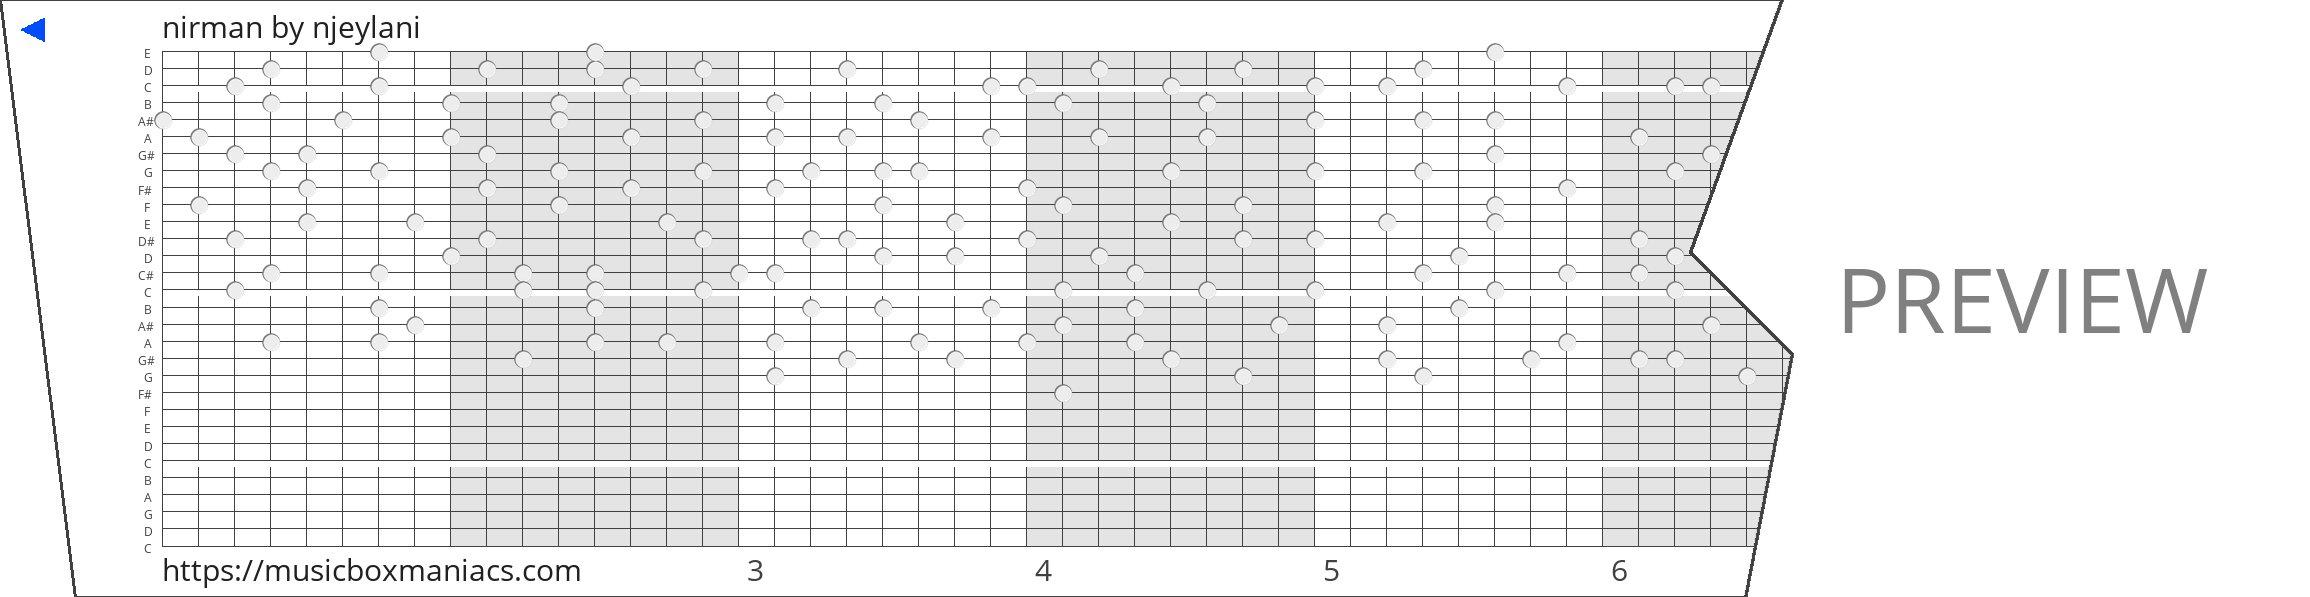 nirman 30 note music box paper strip